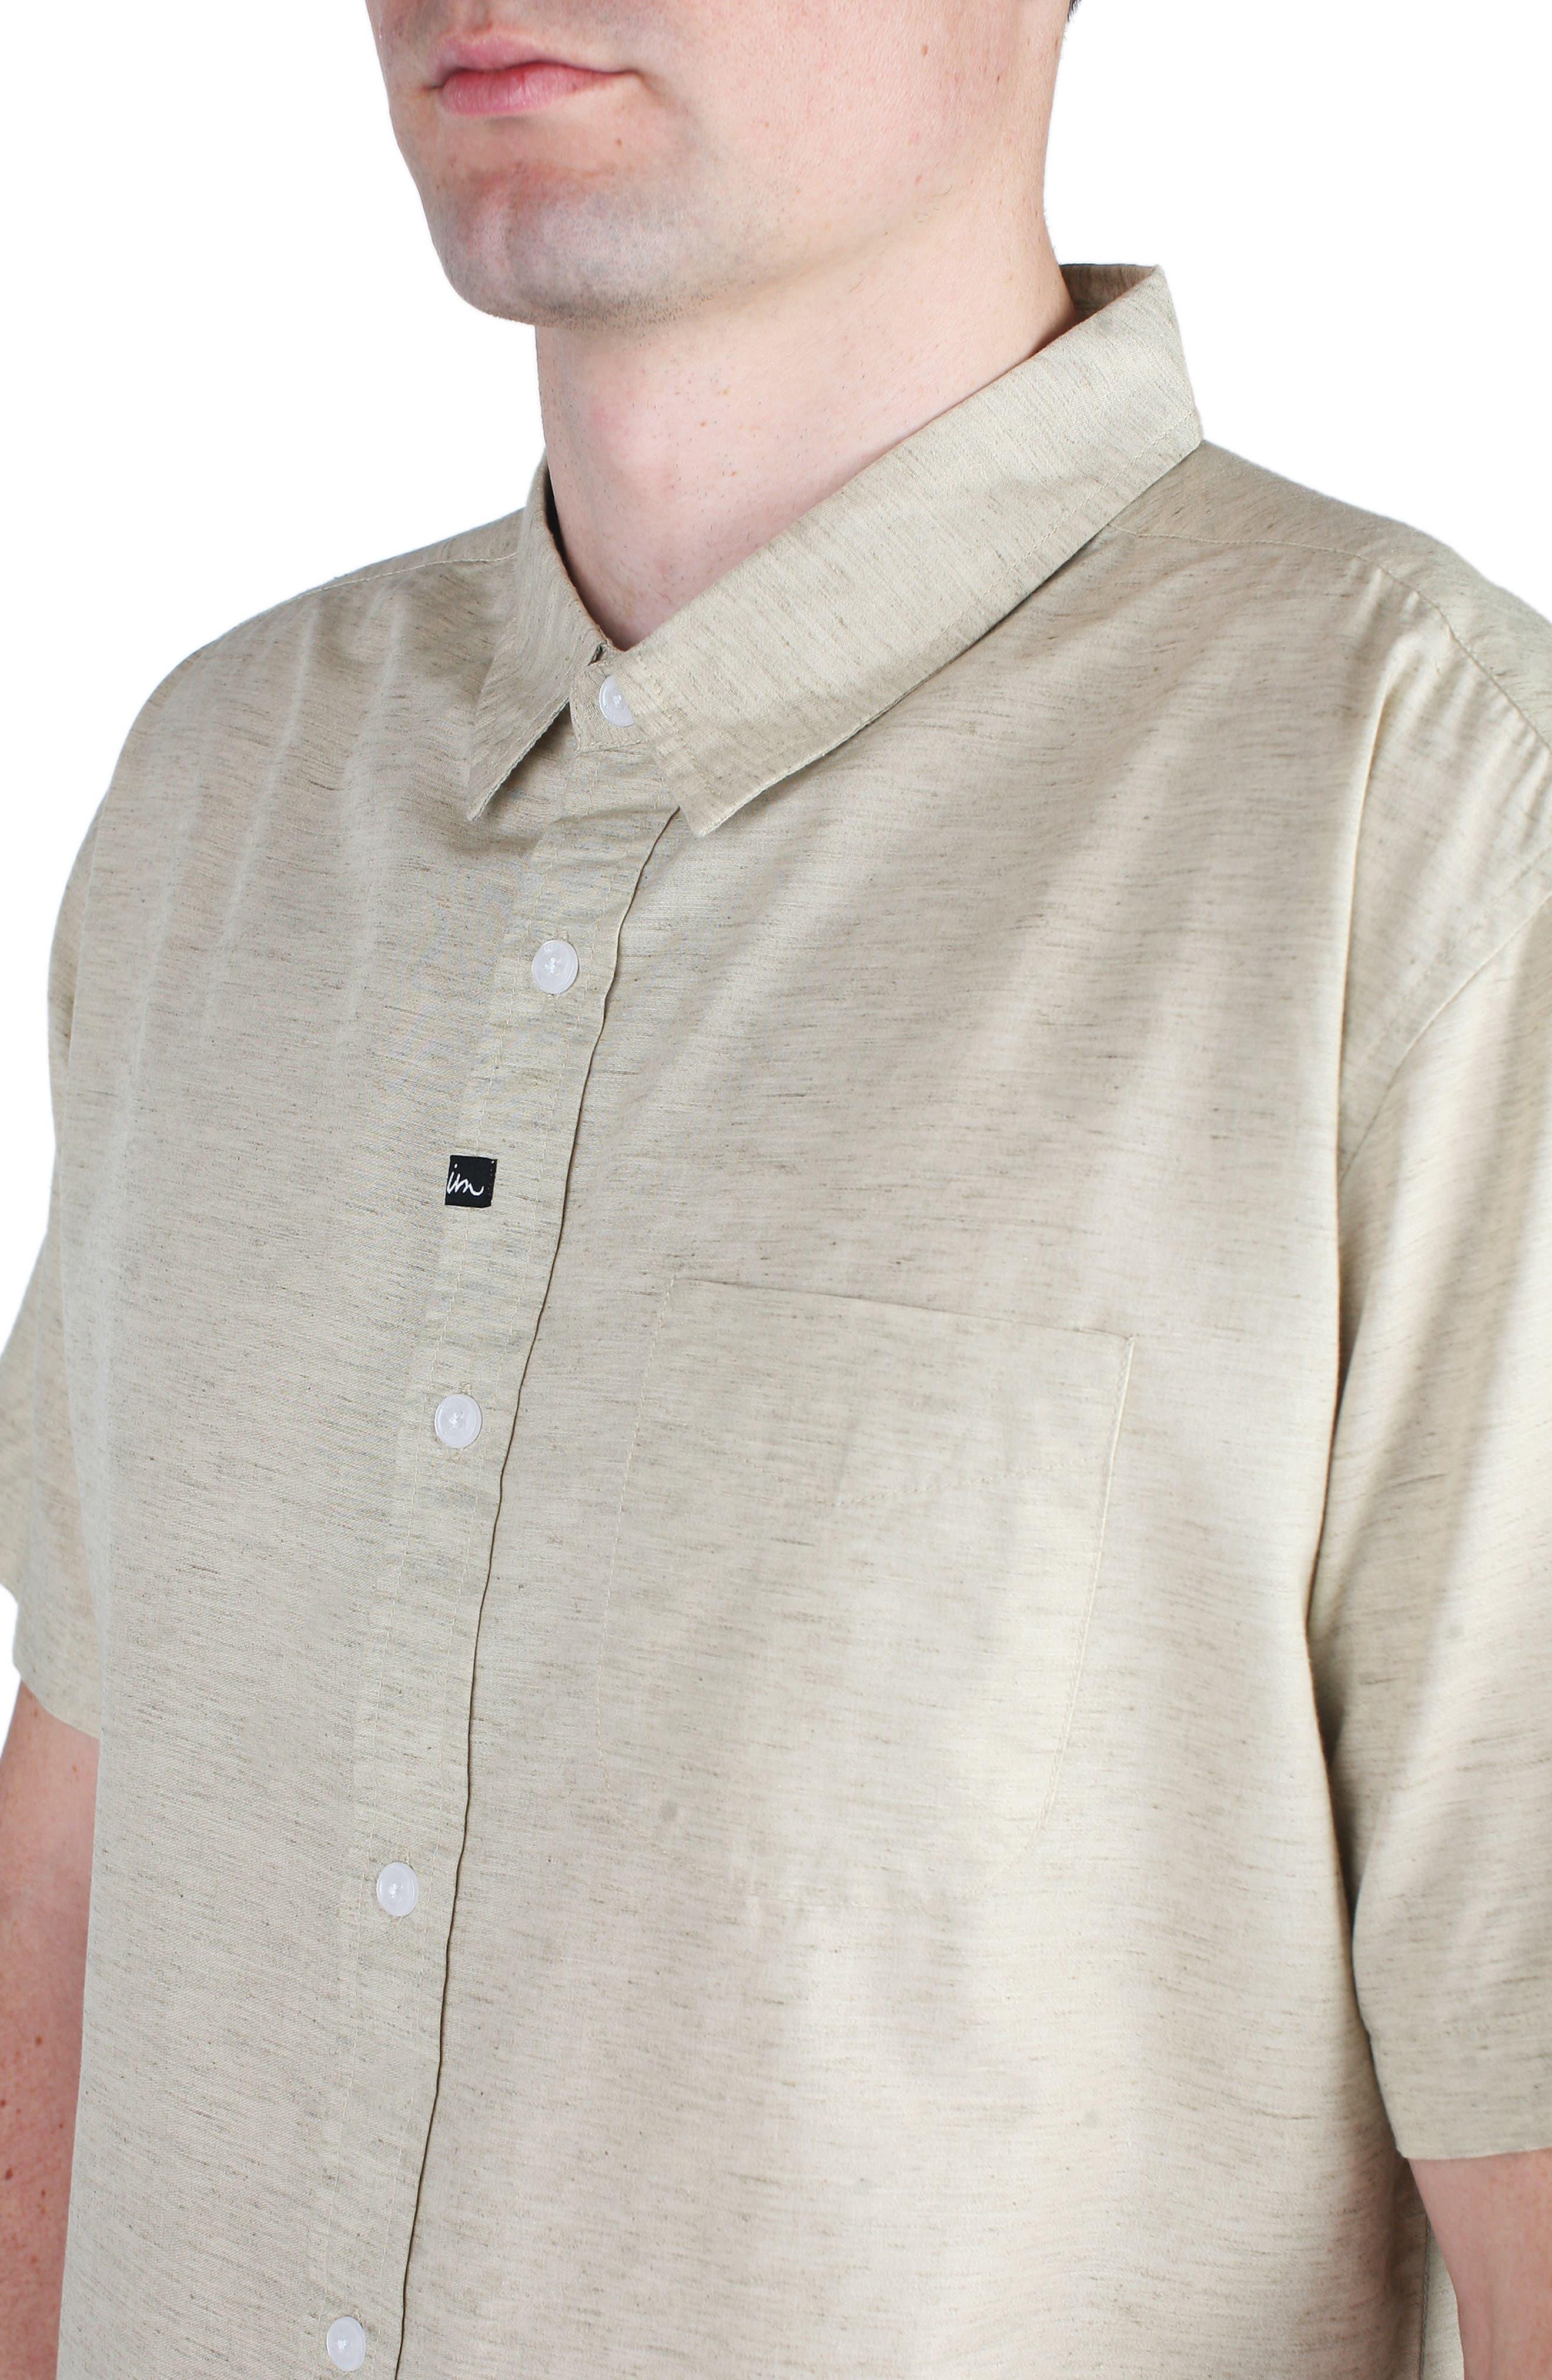 Triumph Woven Shirt,                             Alternate thumbnail 4, color,                             250